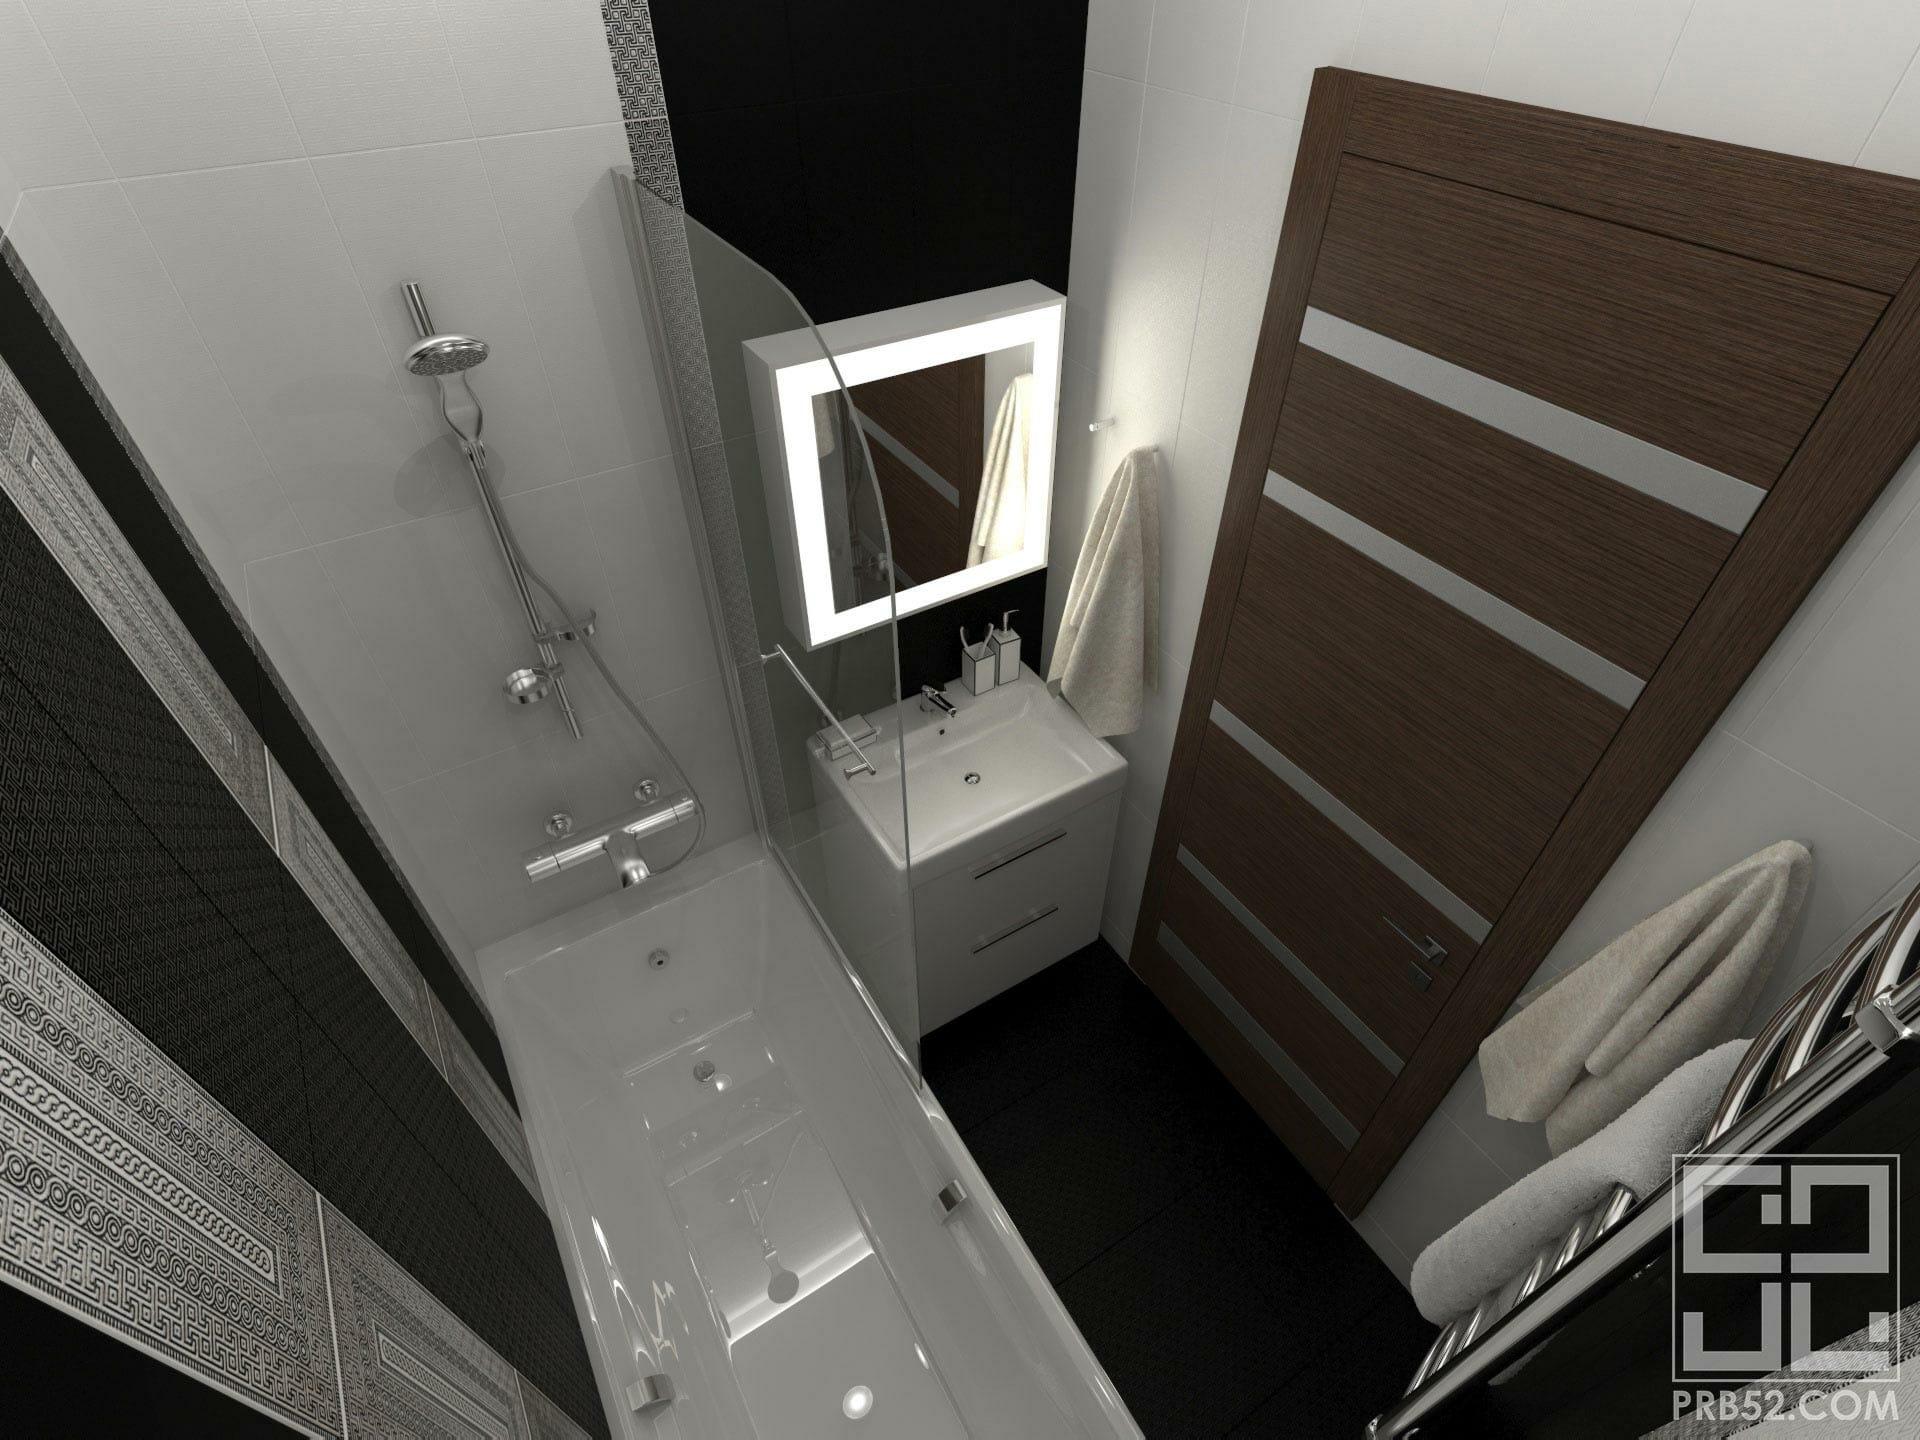 дизайн интерьера ванной зеркало с подсветкой